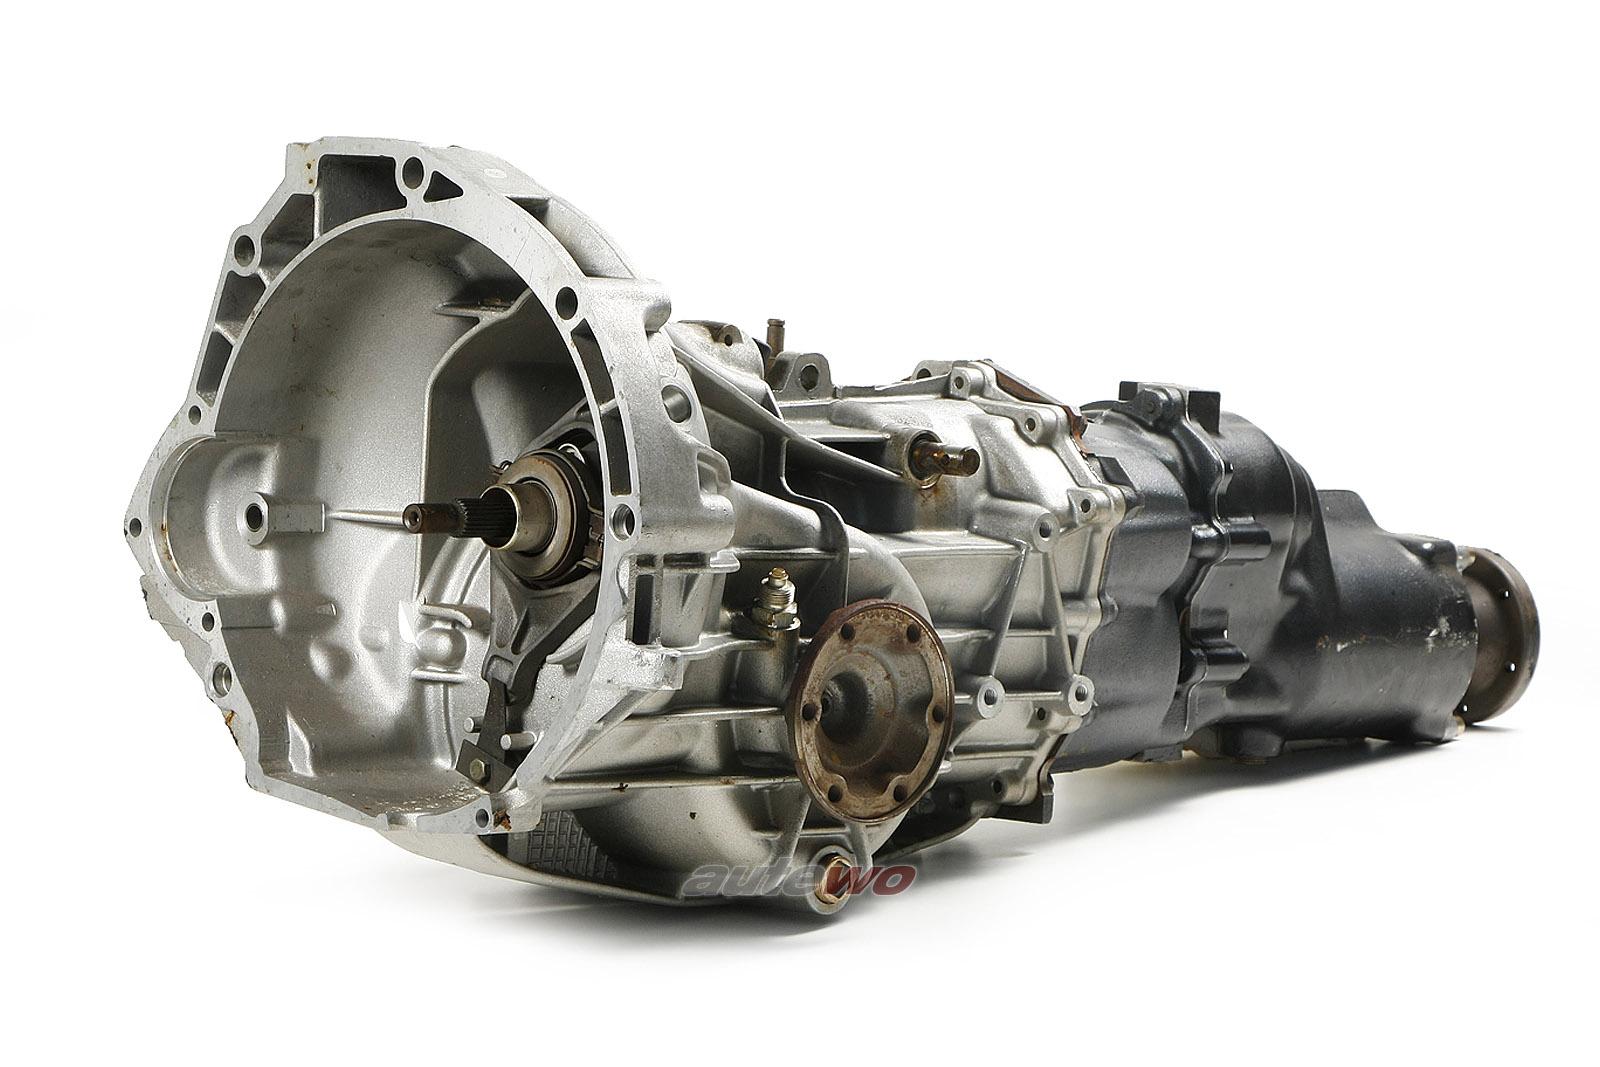 016300047QX NEU Audi 100 Typ 44 1.8l 5-Gang-Quattro-Schaltgetriebe AEZ 17037